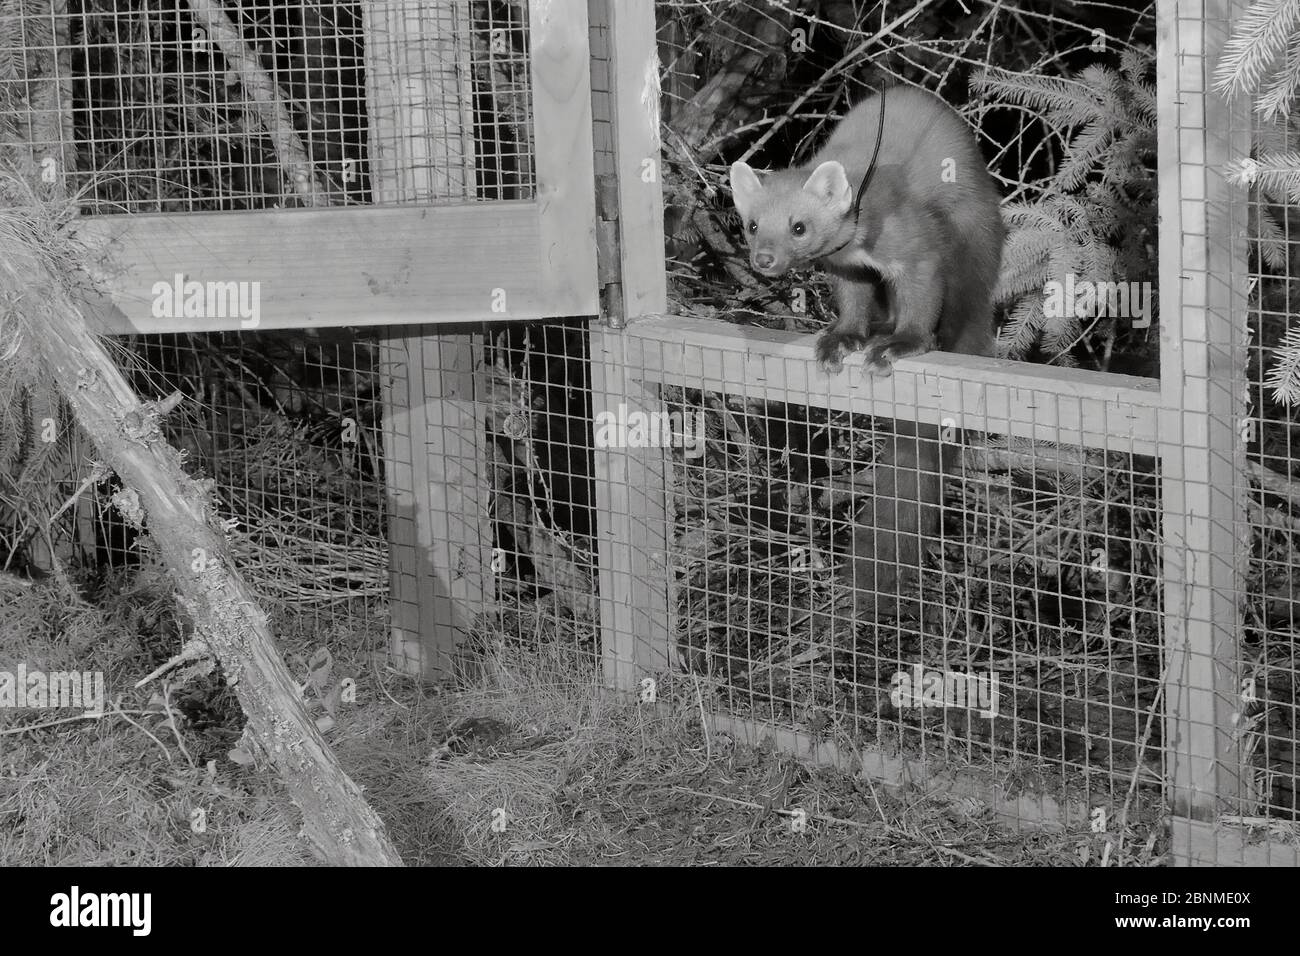 Marte de pin mâle à col radio (Martes martes) émergeant d'une cage temporaire à libération molle après la tombée de la nuit lors d'un projet de réintroduction par le Vincent Banque D'Images